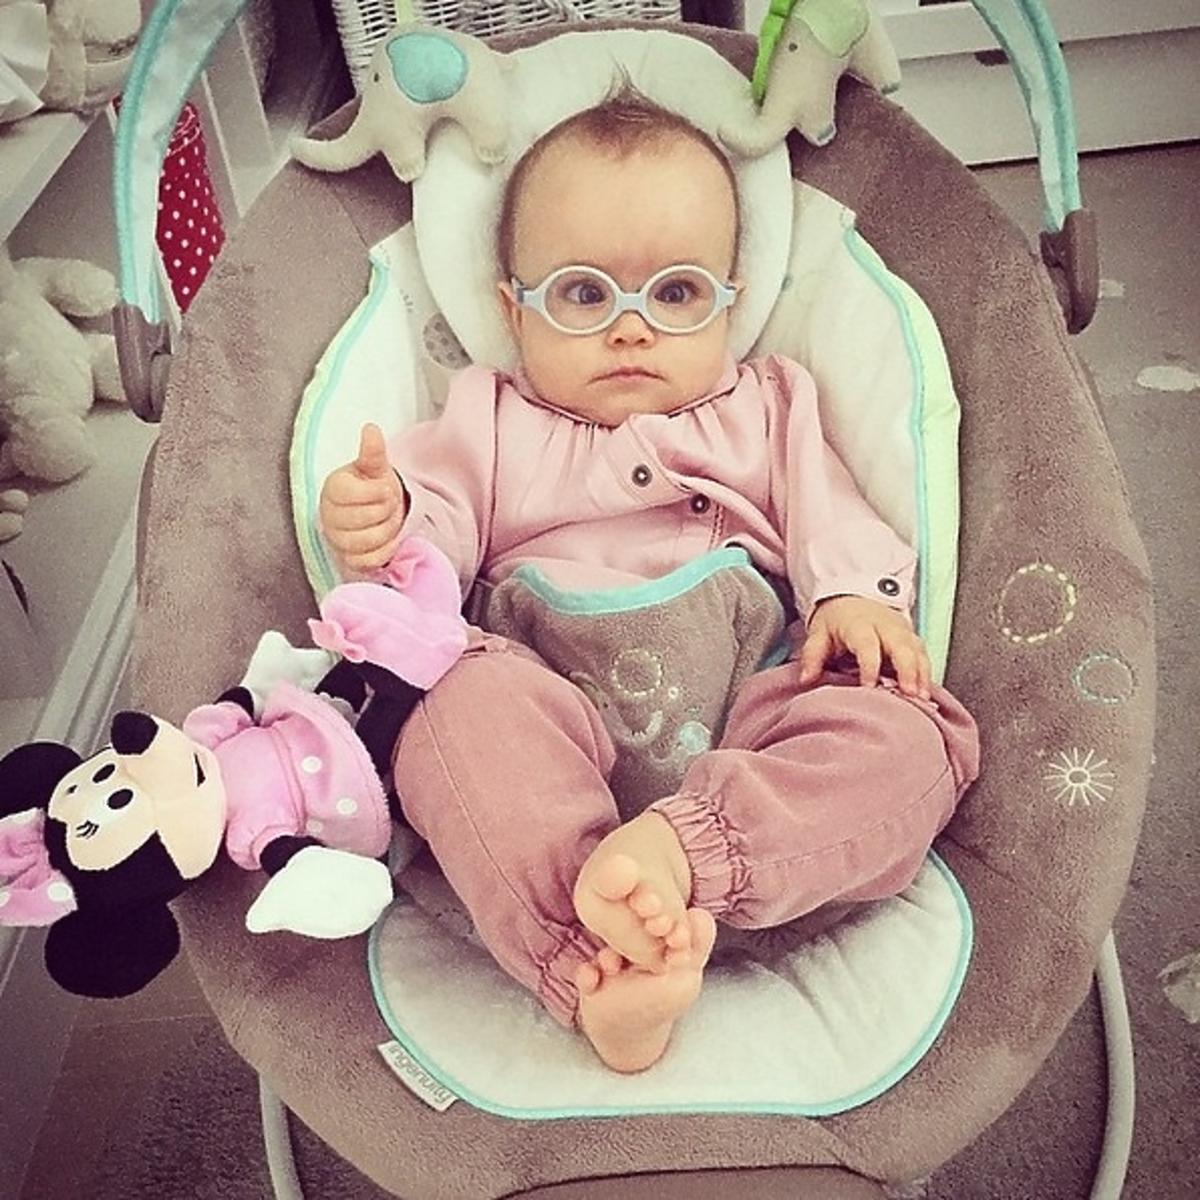 Kornelia córka Anny Wendzikowskiej w bujaku i w okularach na nosie